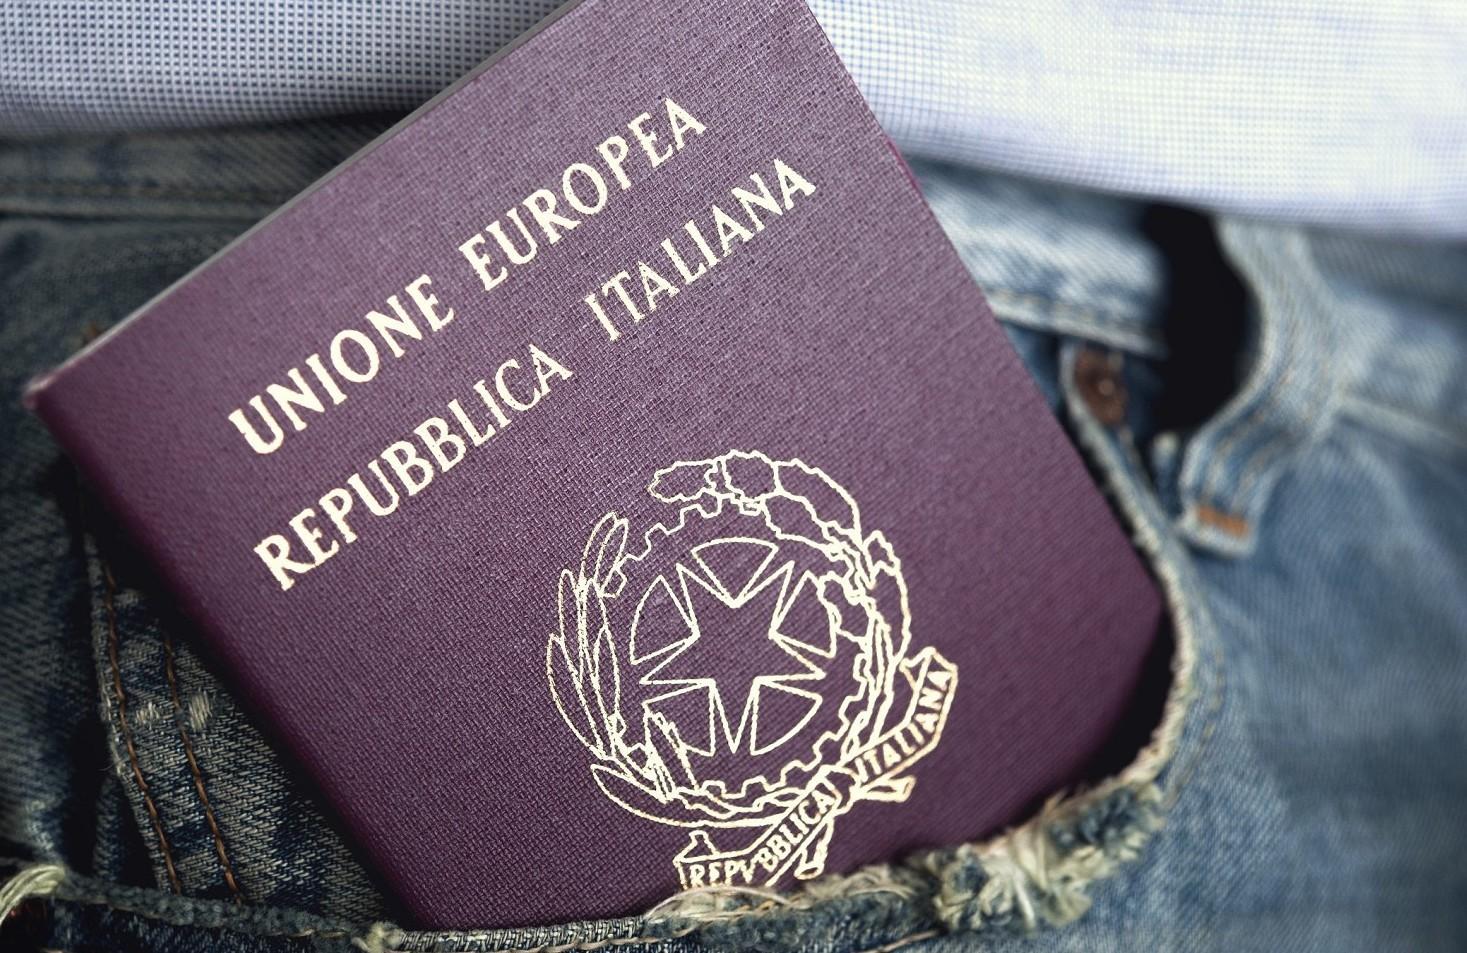 Modello delega ritiro passaporto 2020 editabile in pdf da scaricare. Cosa scrivere